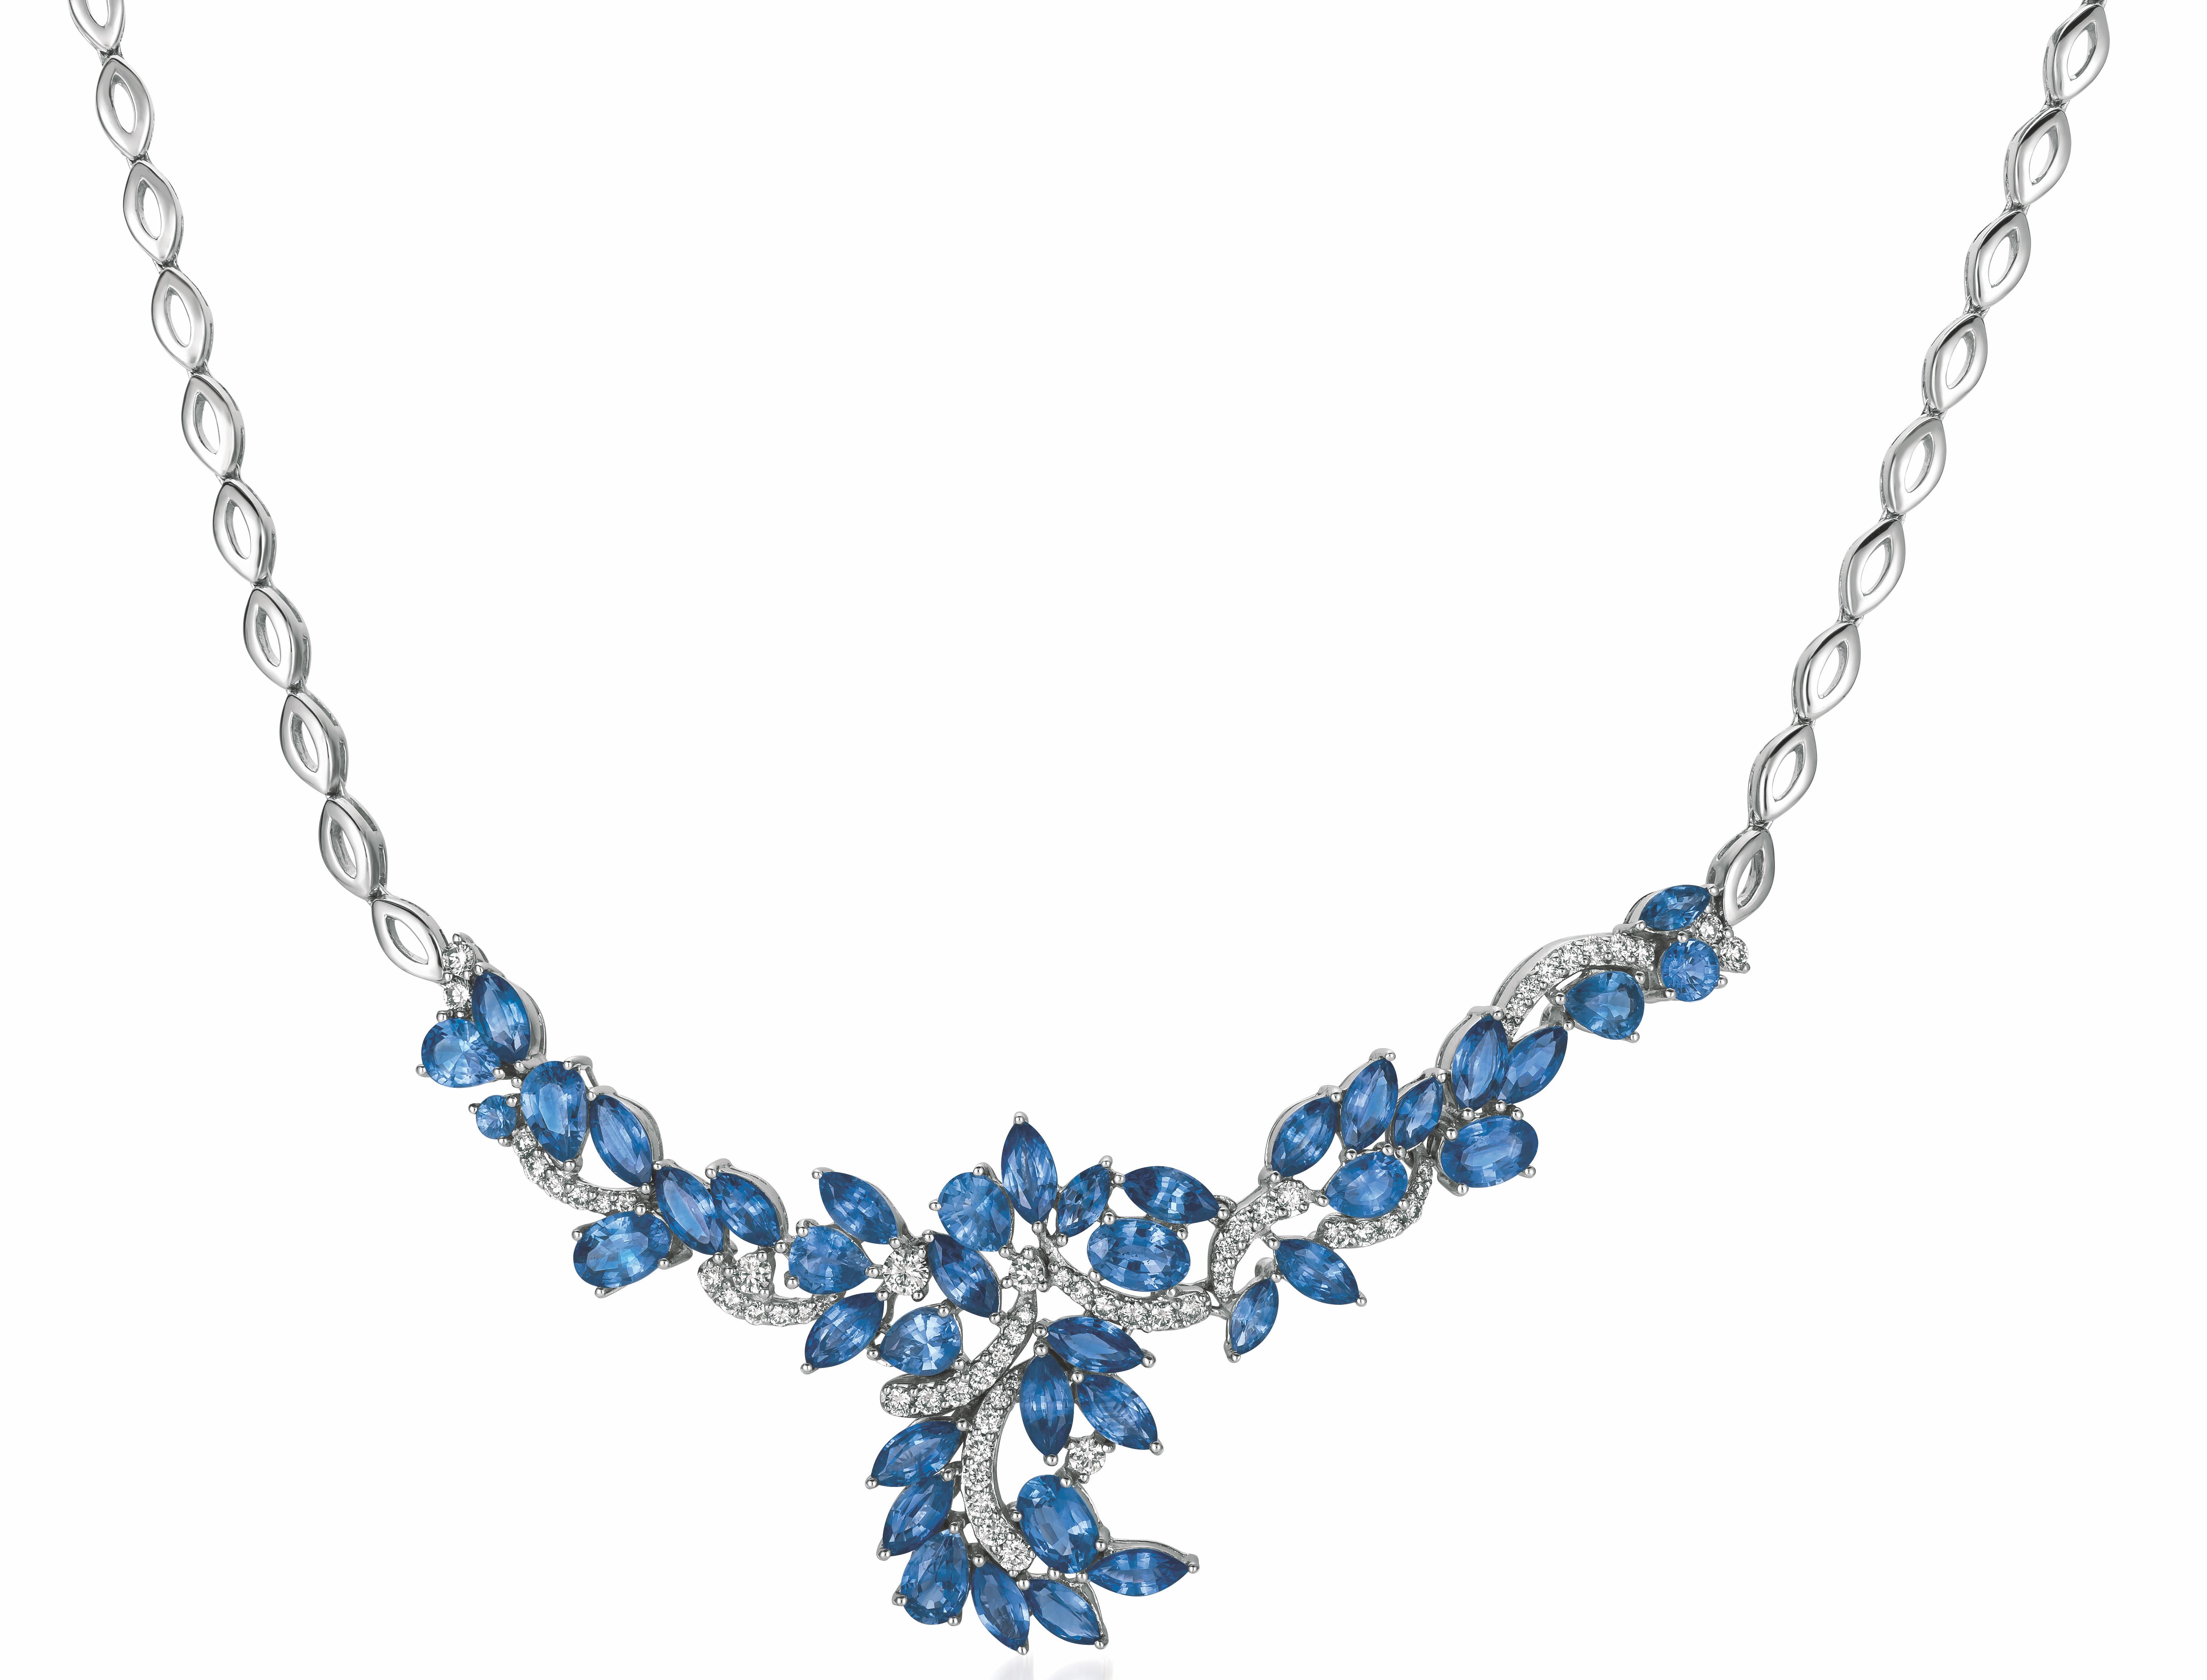 Le Vian sapphire necklace